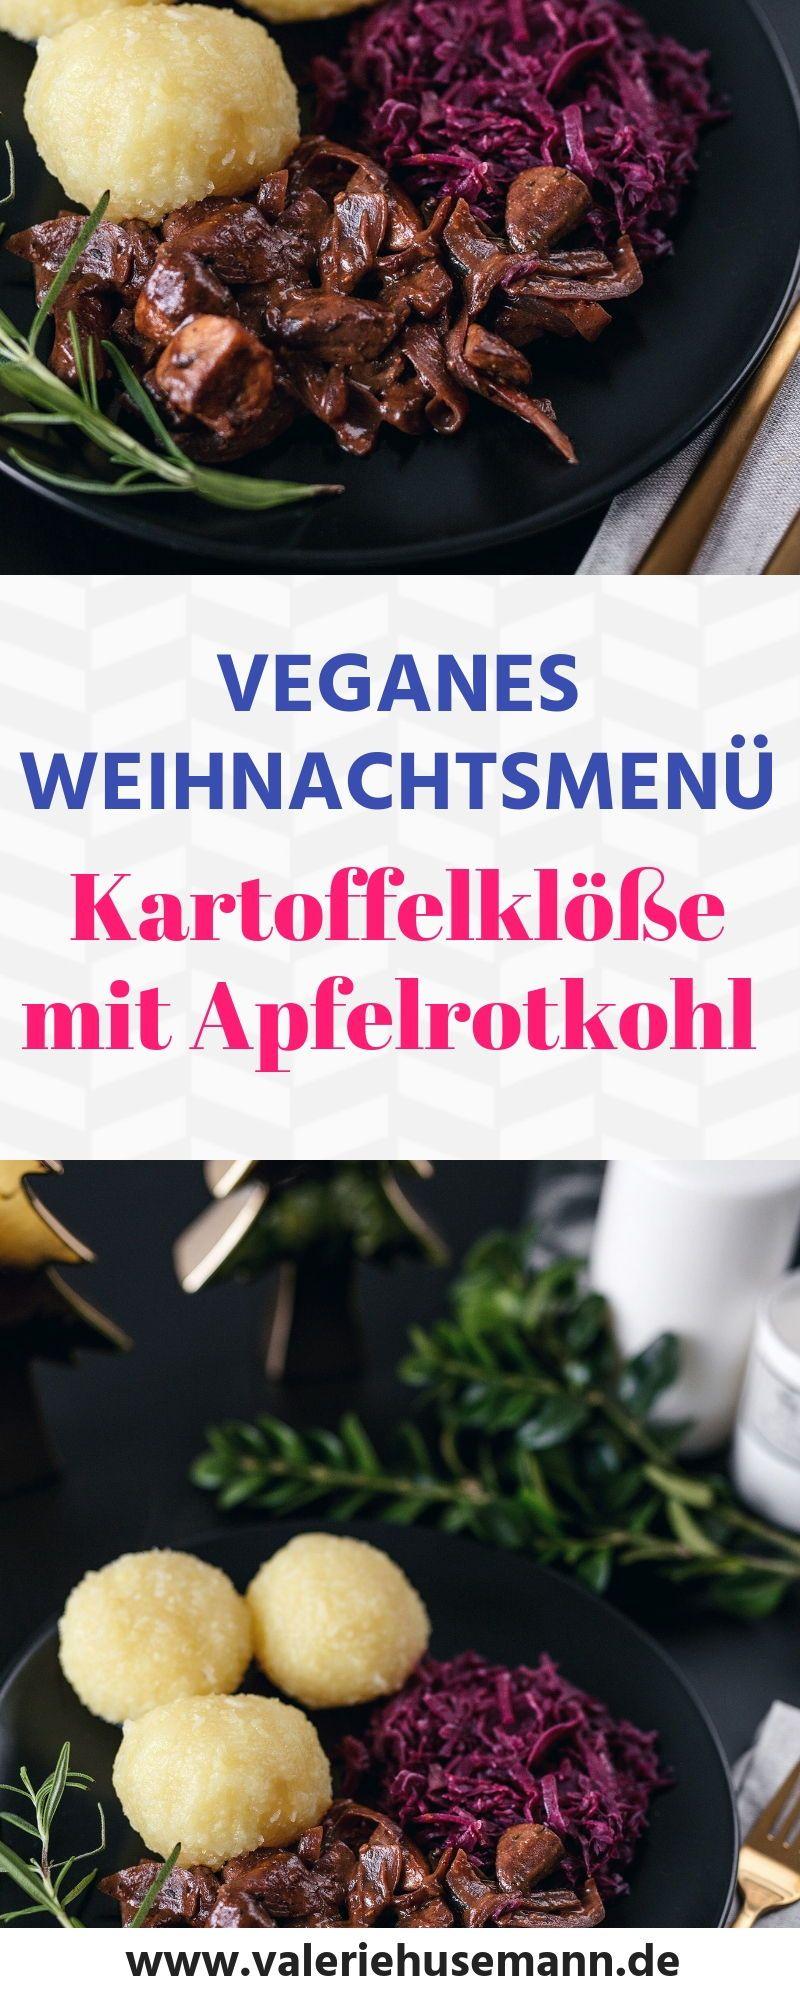 Veganes Weihnachtsmenü, Kartoffelklöße mit Apfelrotkohl, gesunde rezepte einfach, gesunde rezepte wenig kalorien, gesunde ernährung, gesunde ernährung rezepte #veganerezepte